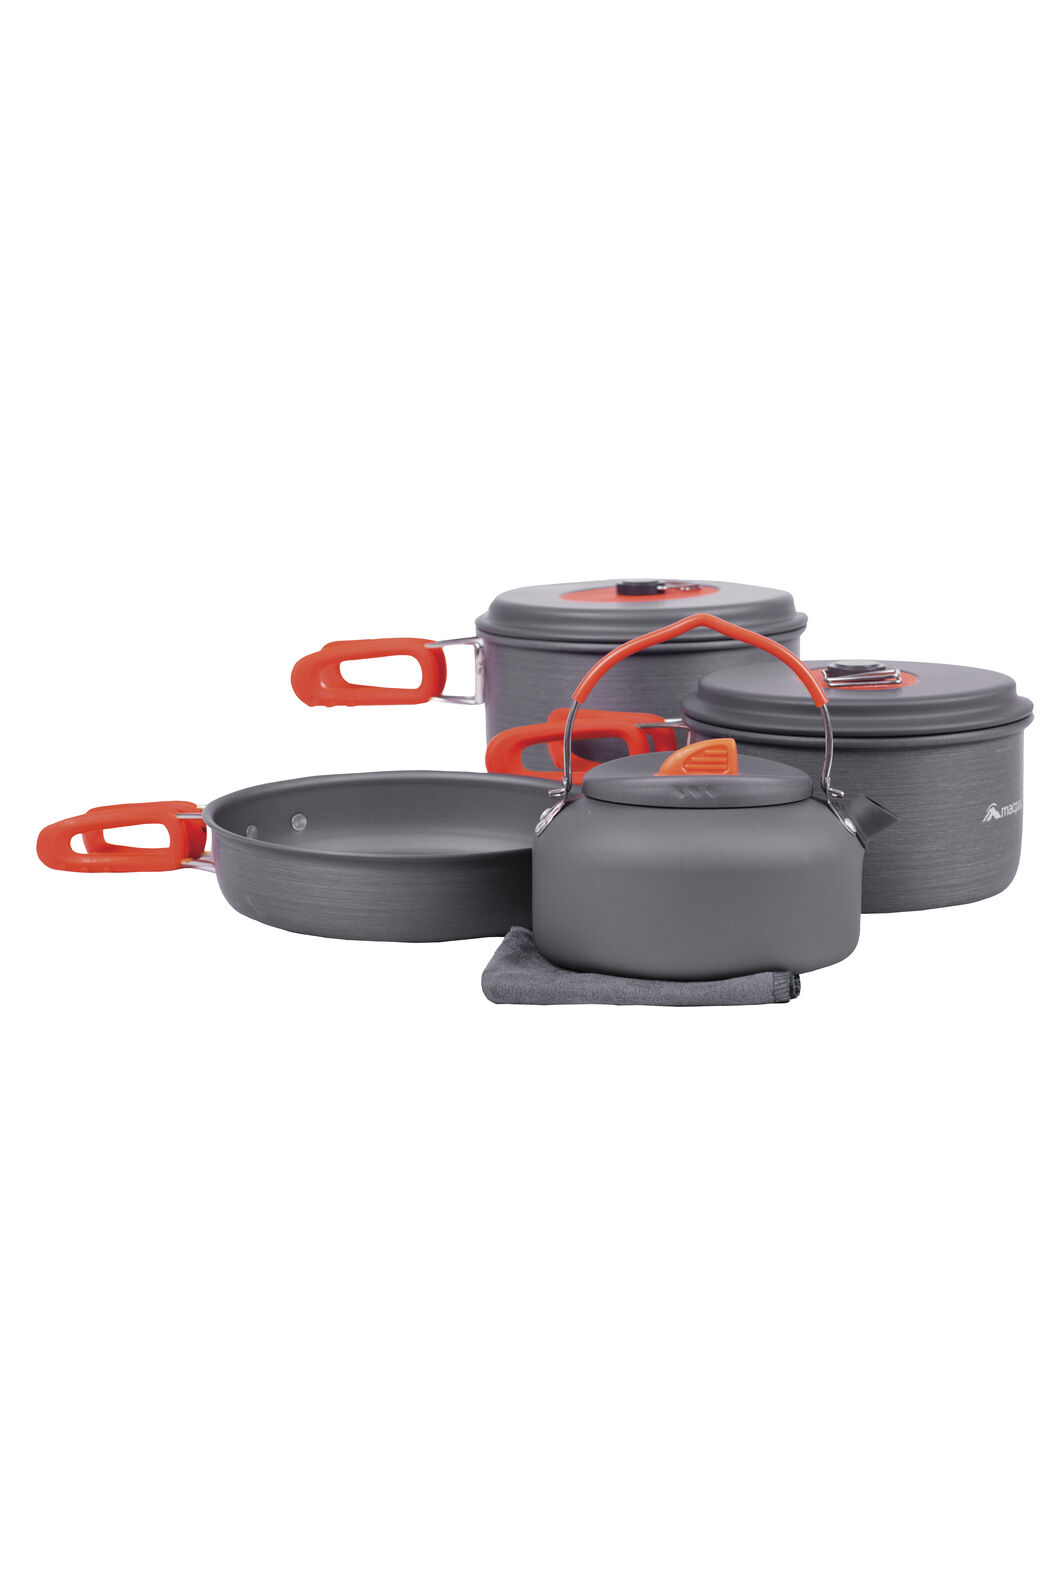 Macpac 7 Piece Camping Cook Set, Orange, hi-res